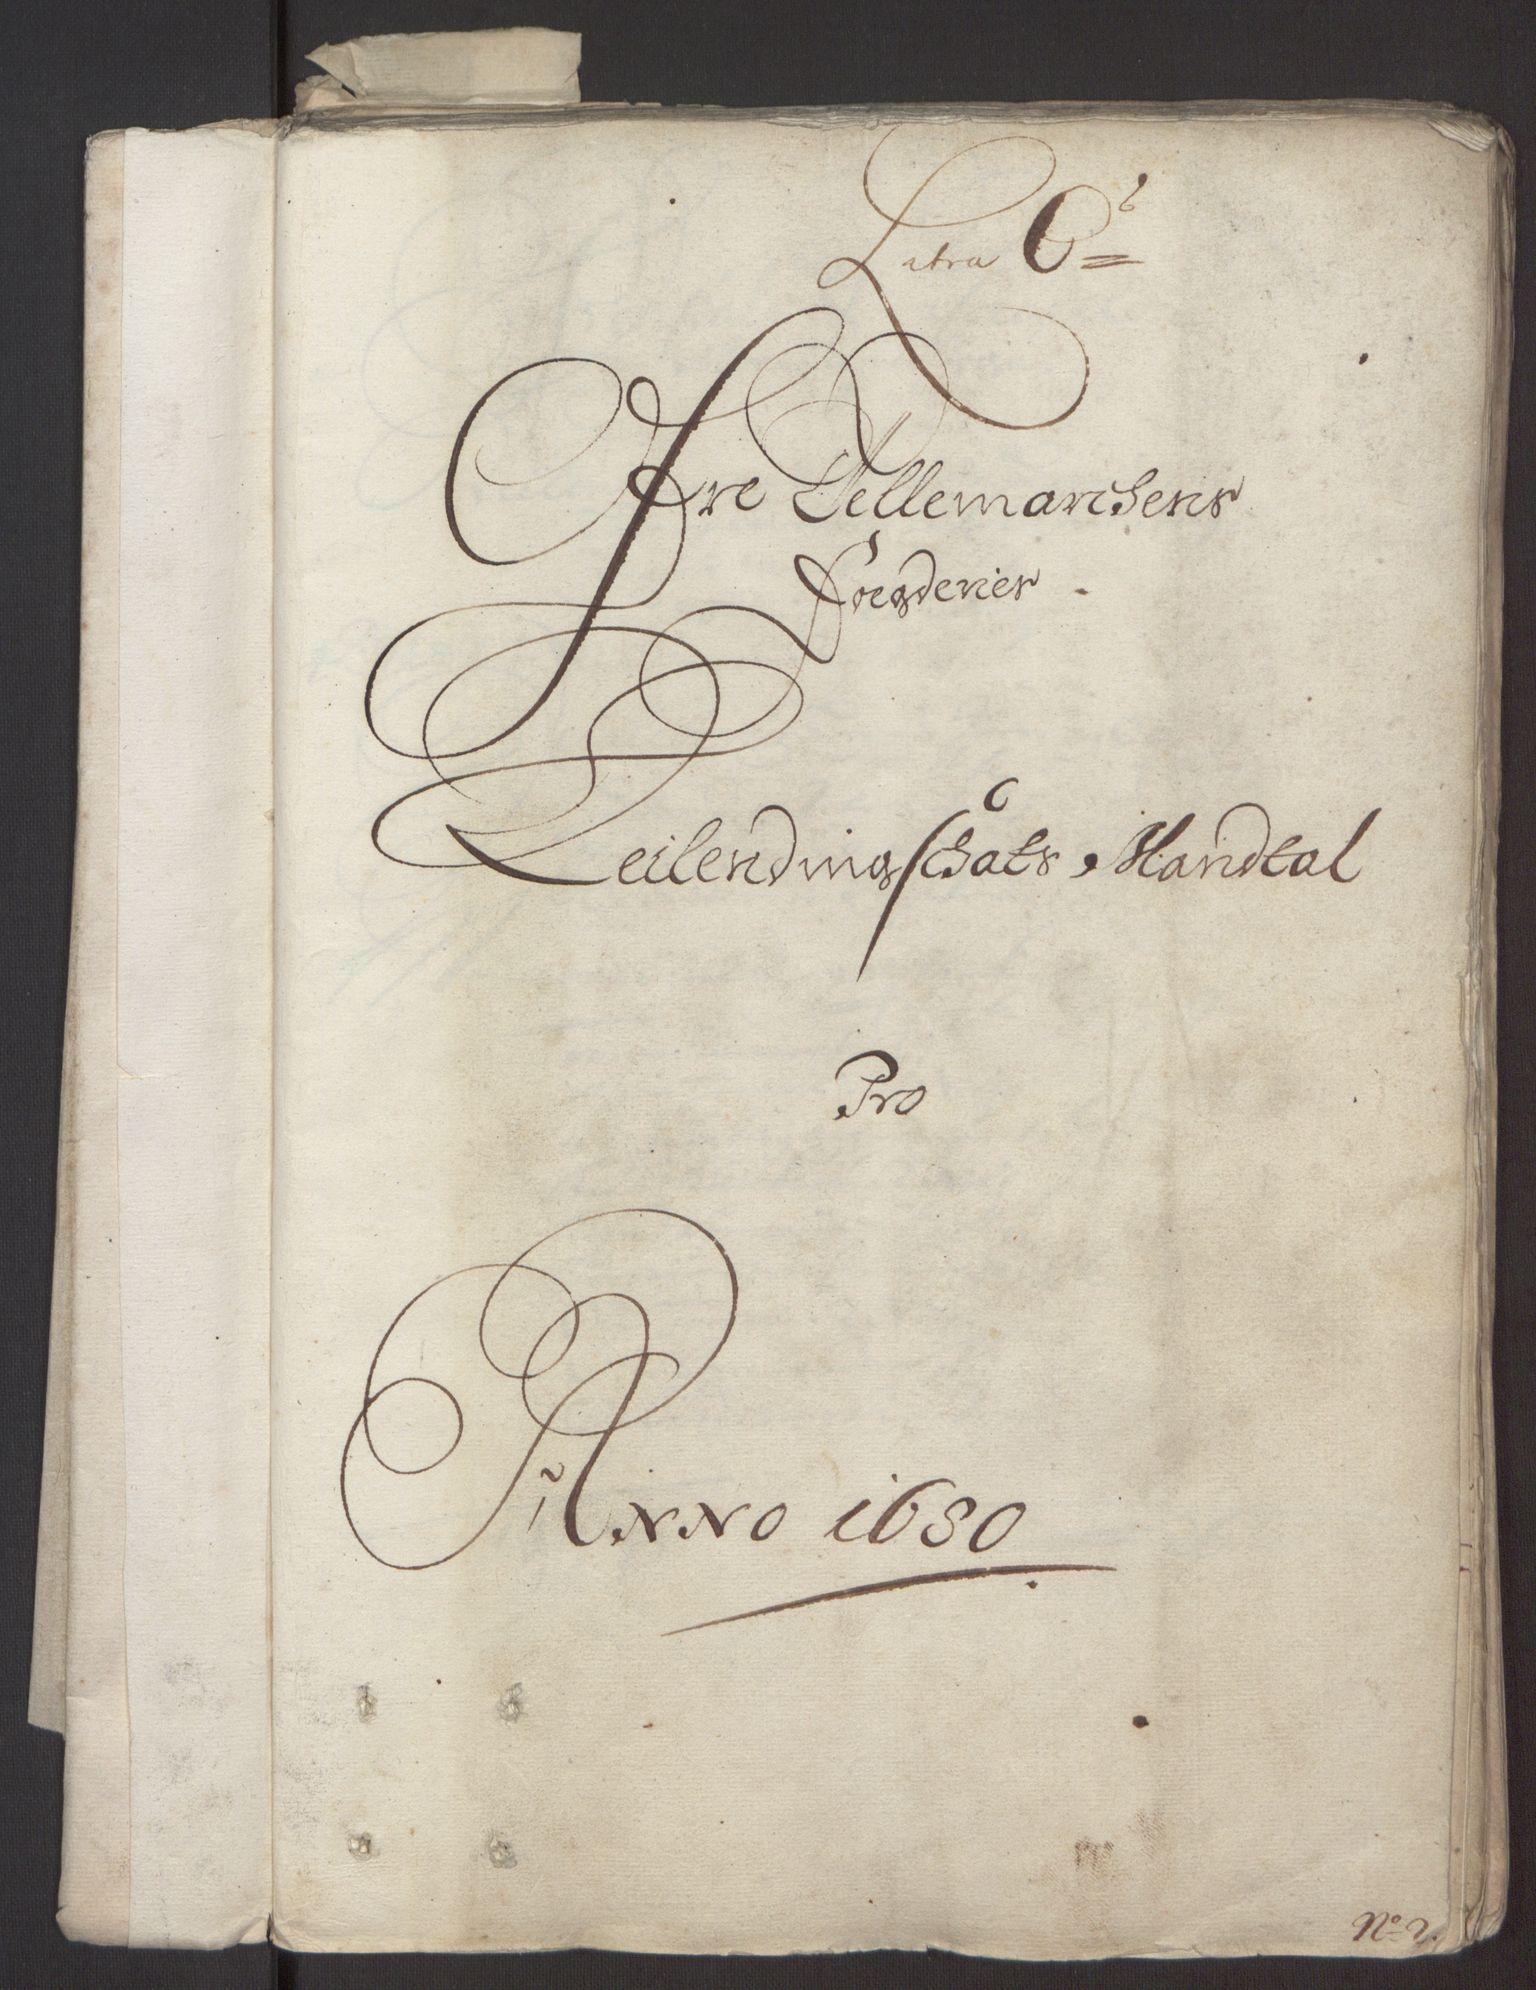 RA, Rentekammeret inntil 1814, Reviderte regnskaper, Fogderegnskap, R35/L2075: Fogderegnskap Øvre og Nedre Telemark, 1680-1684, s. 94